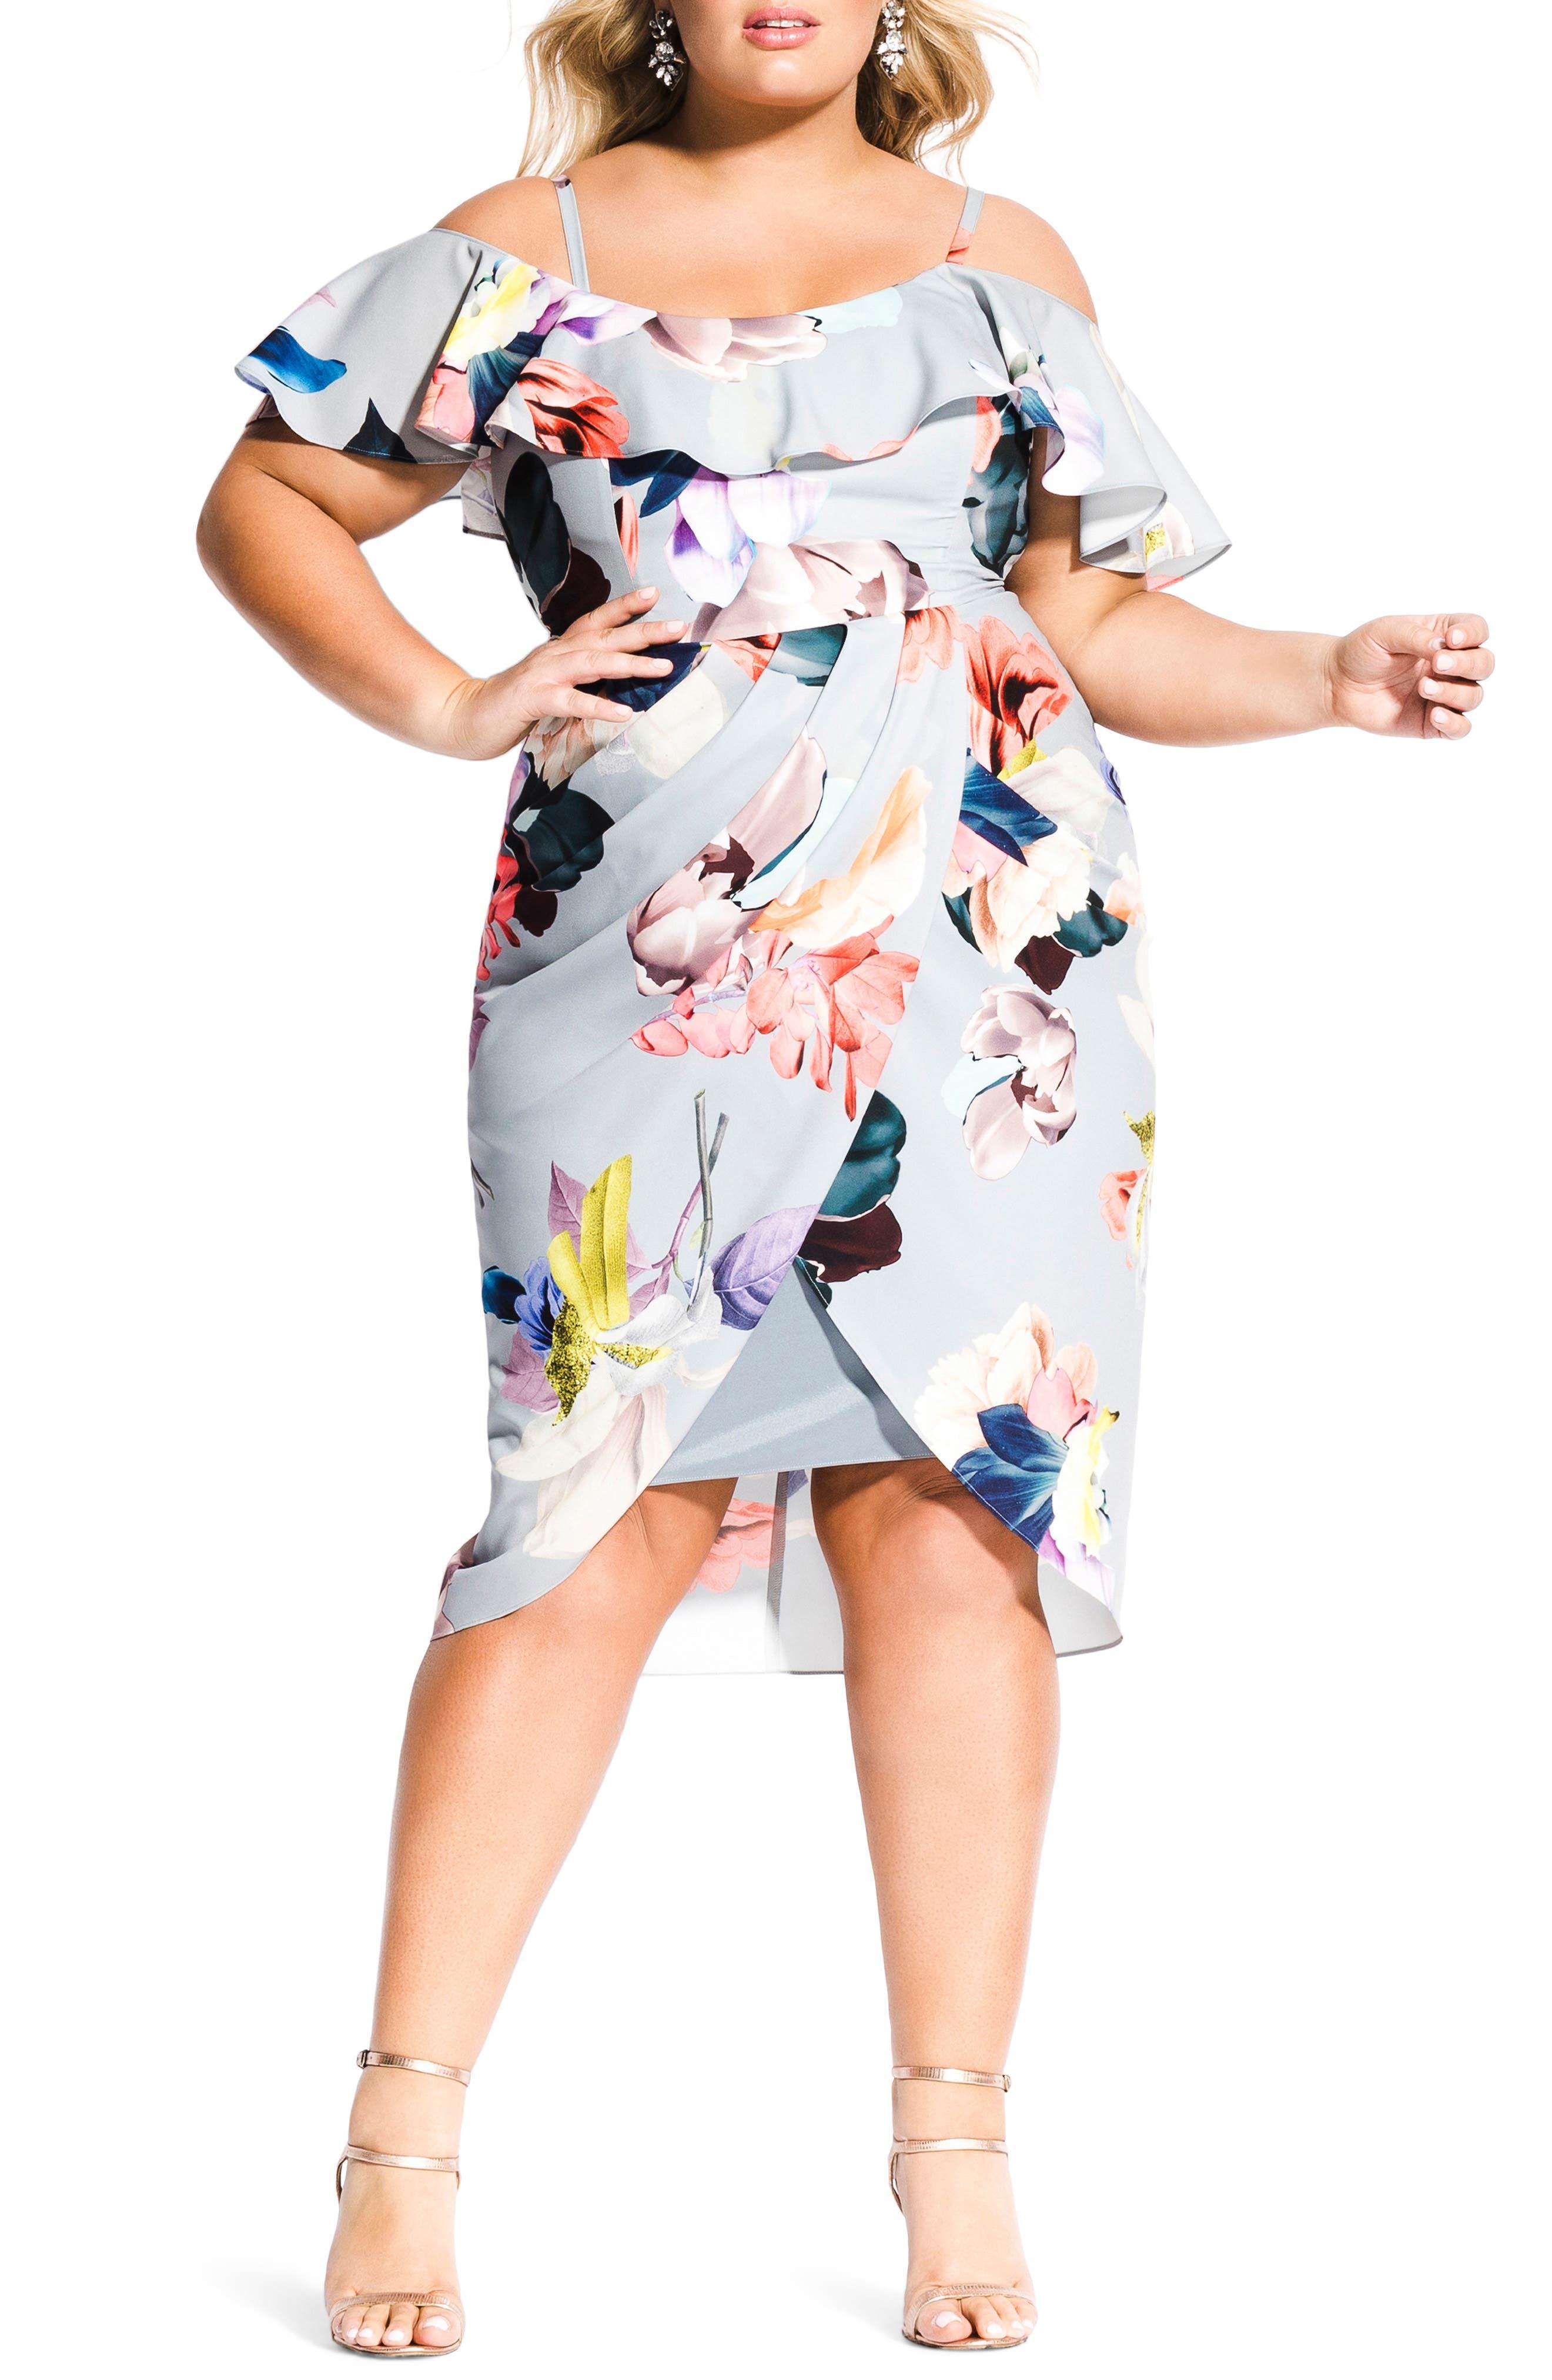 CITY CHIC, Contempo Cold Shoulder Floral Dress, Main thumbnail 1, color, CONTEMPORARY FL